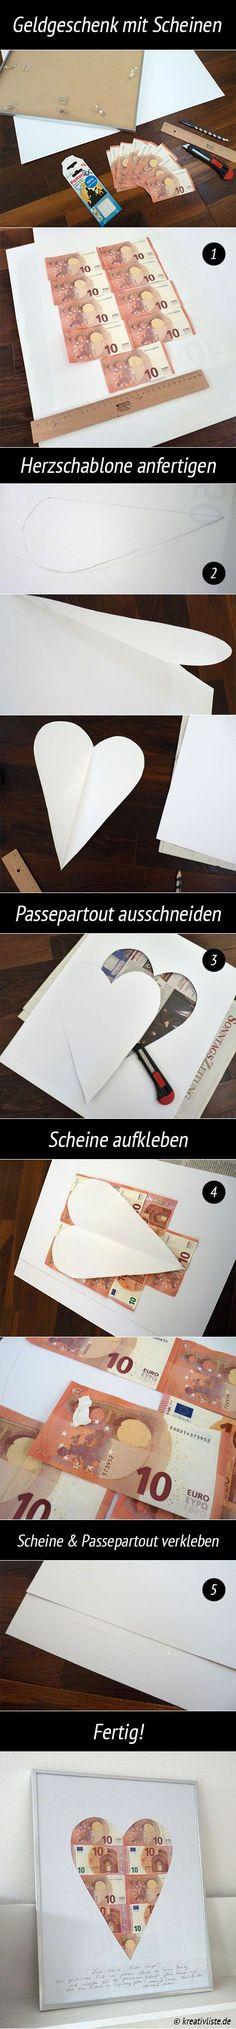 #Geldgeschenk #money #gift #Geldscheine #basteln #Hochzeitsgeschenk #Geschenk -> Mehr auf kreativliste.de